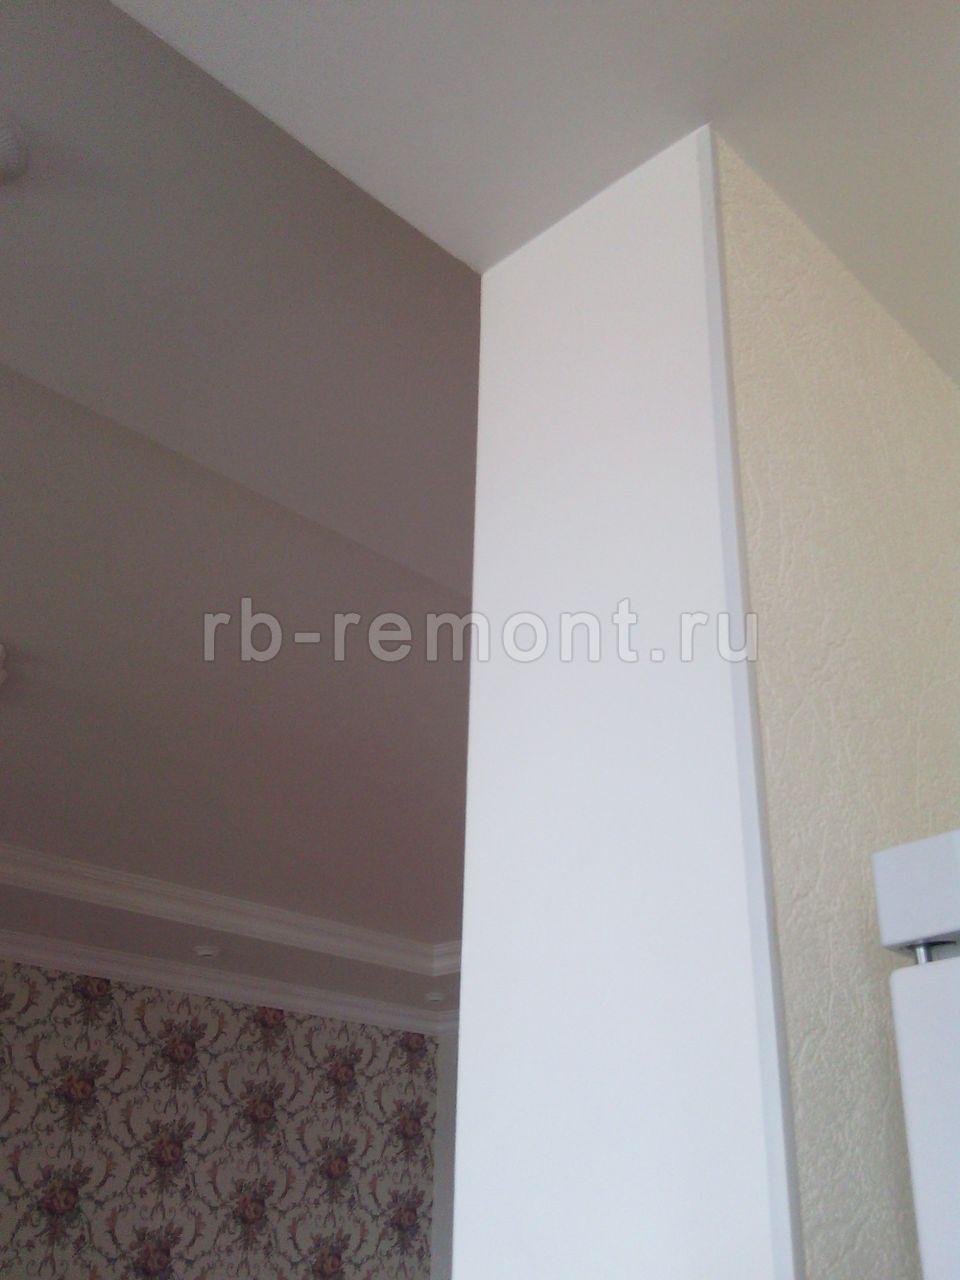 http://www.rb-remont.ru/raboty/photo_/komsomolskaya-125.1-00/img/img_20150709_120039.jpg (бол.)